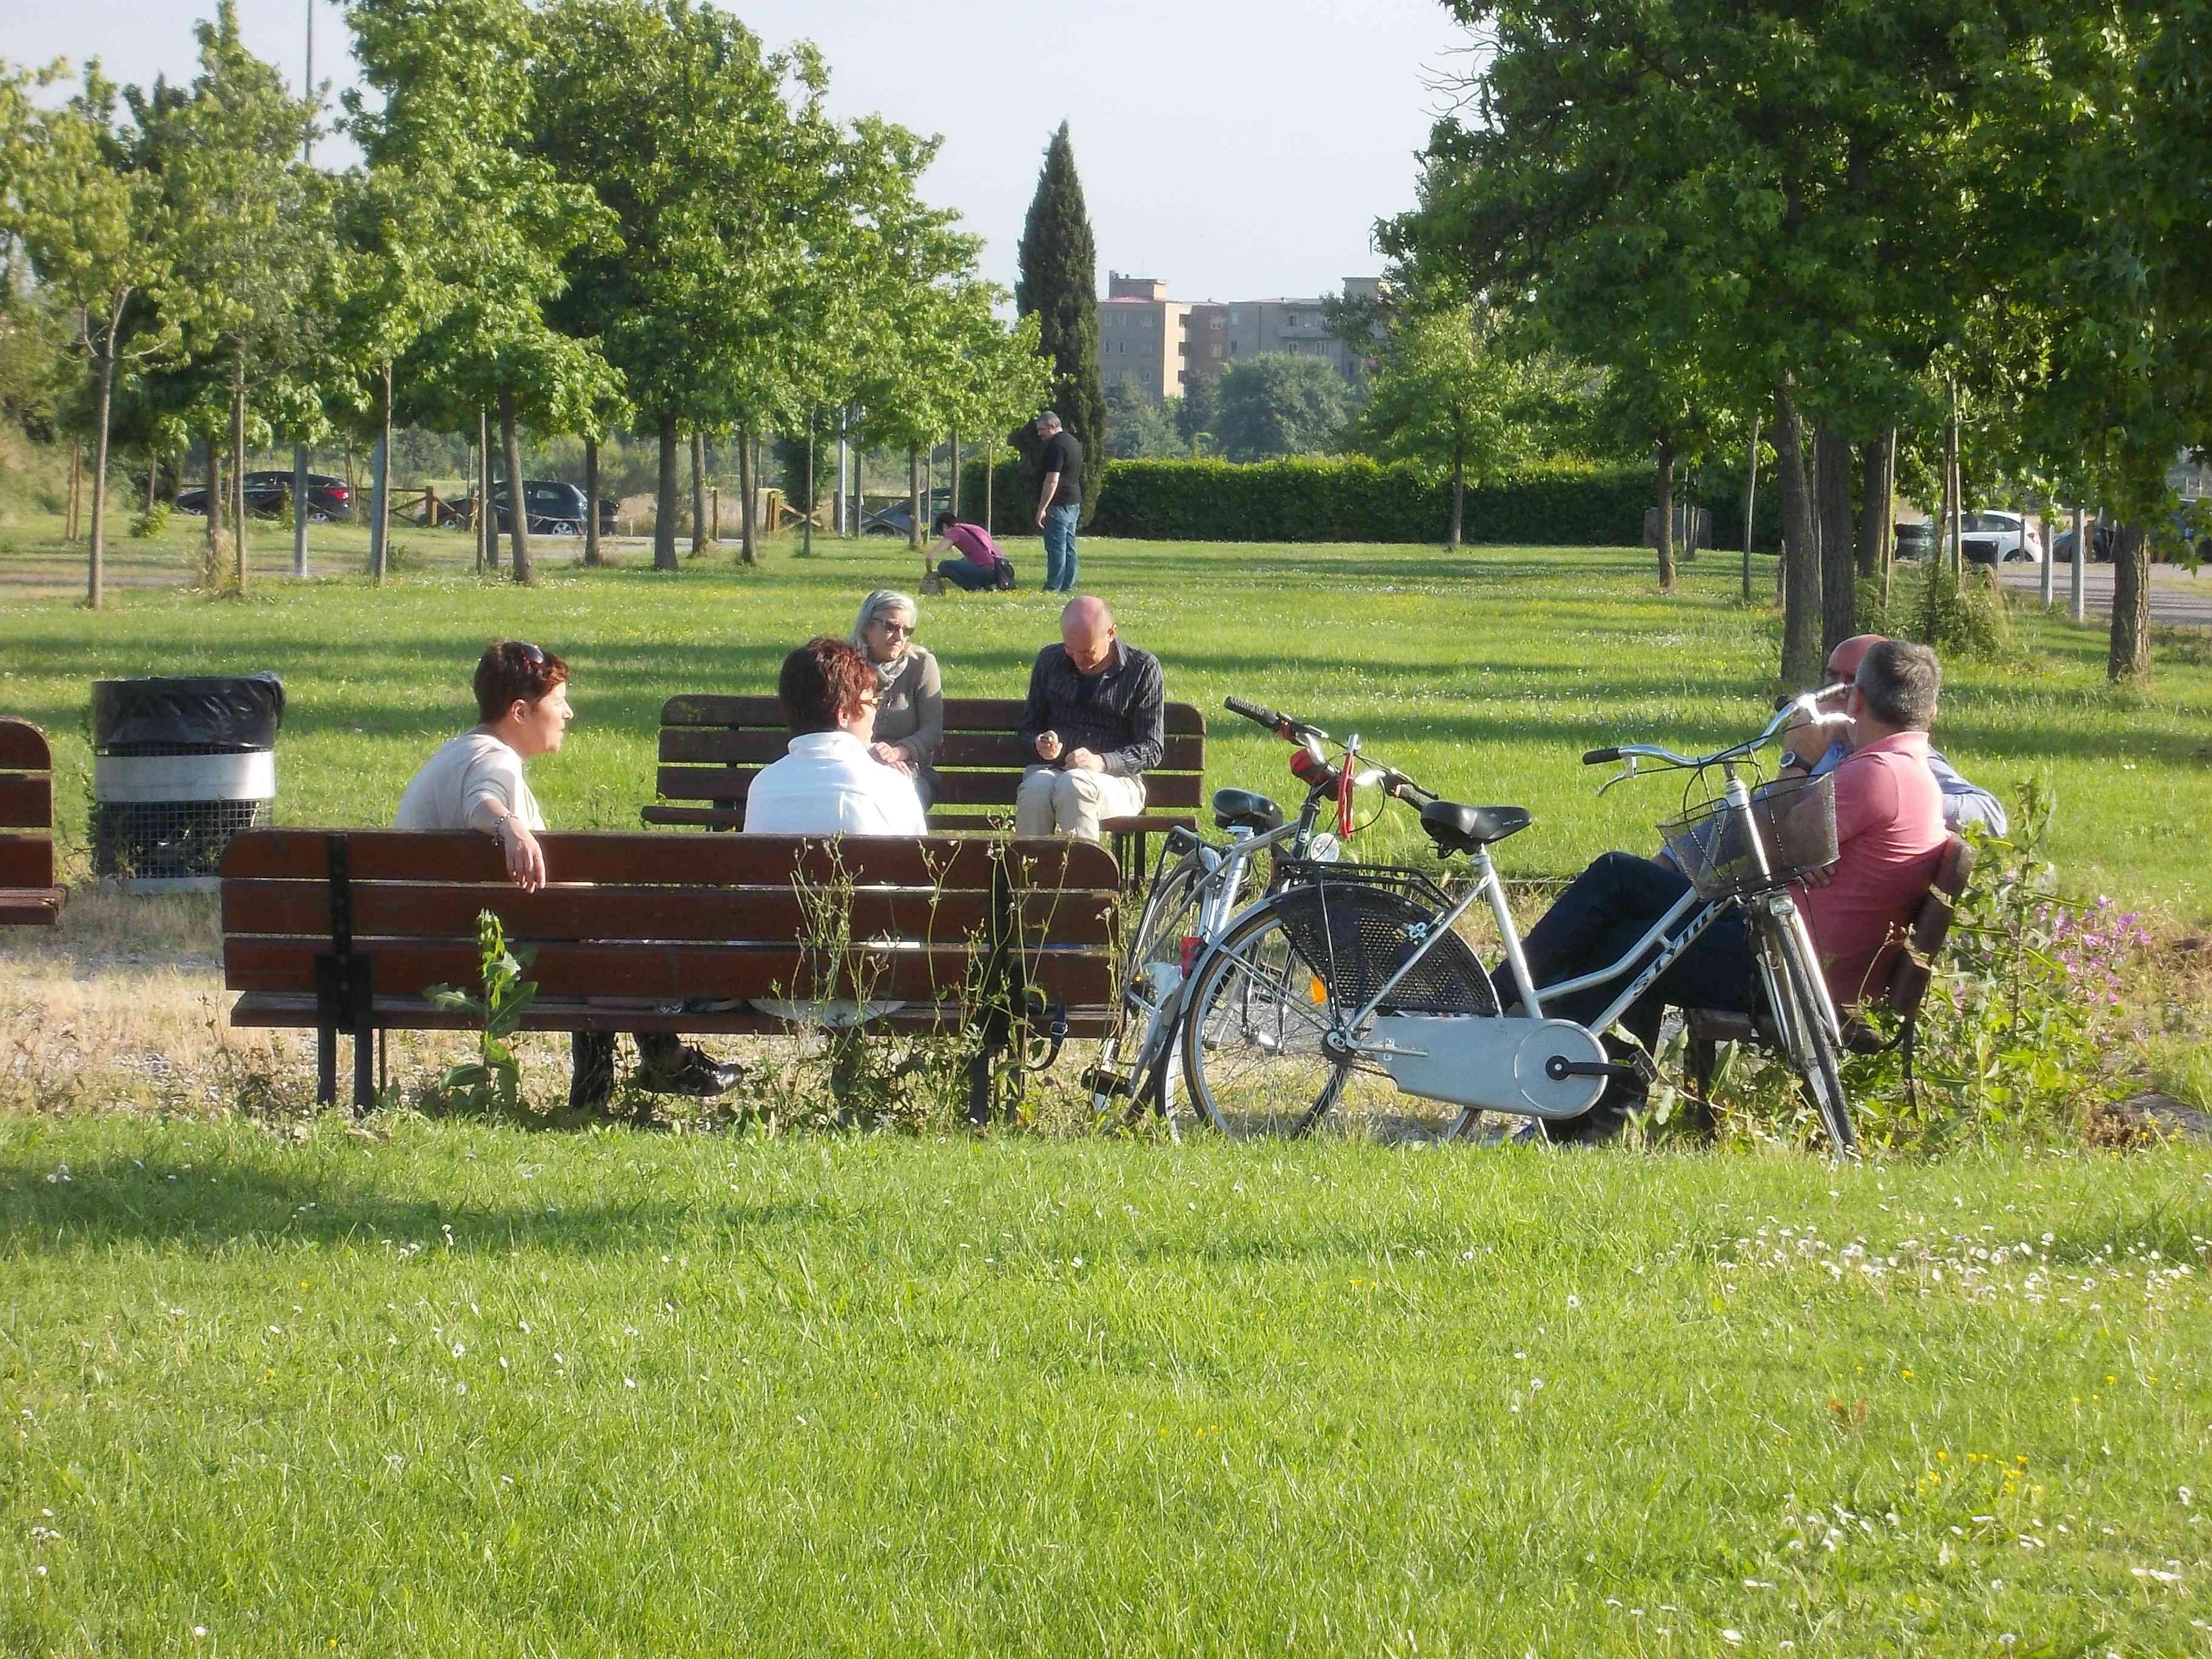 Il verde urbano conquista terreno. Più parchi, giardini e prati nelle città italiane